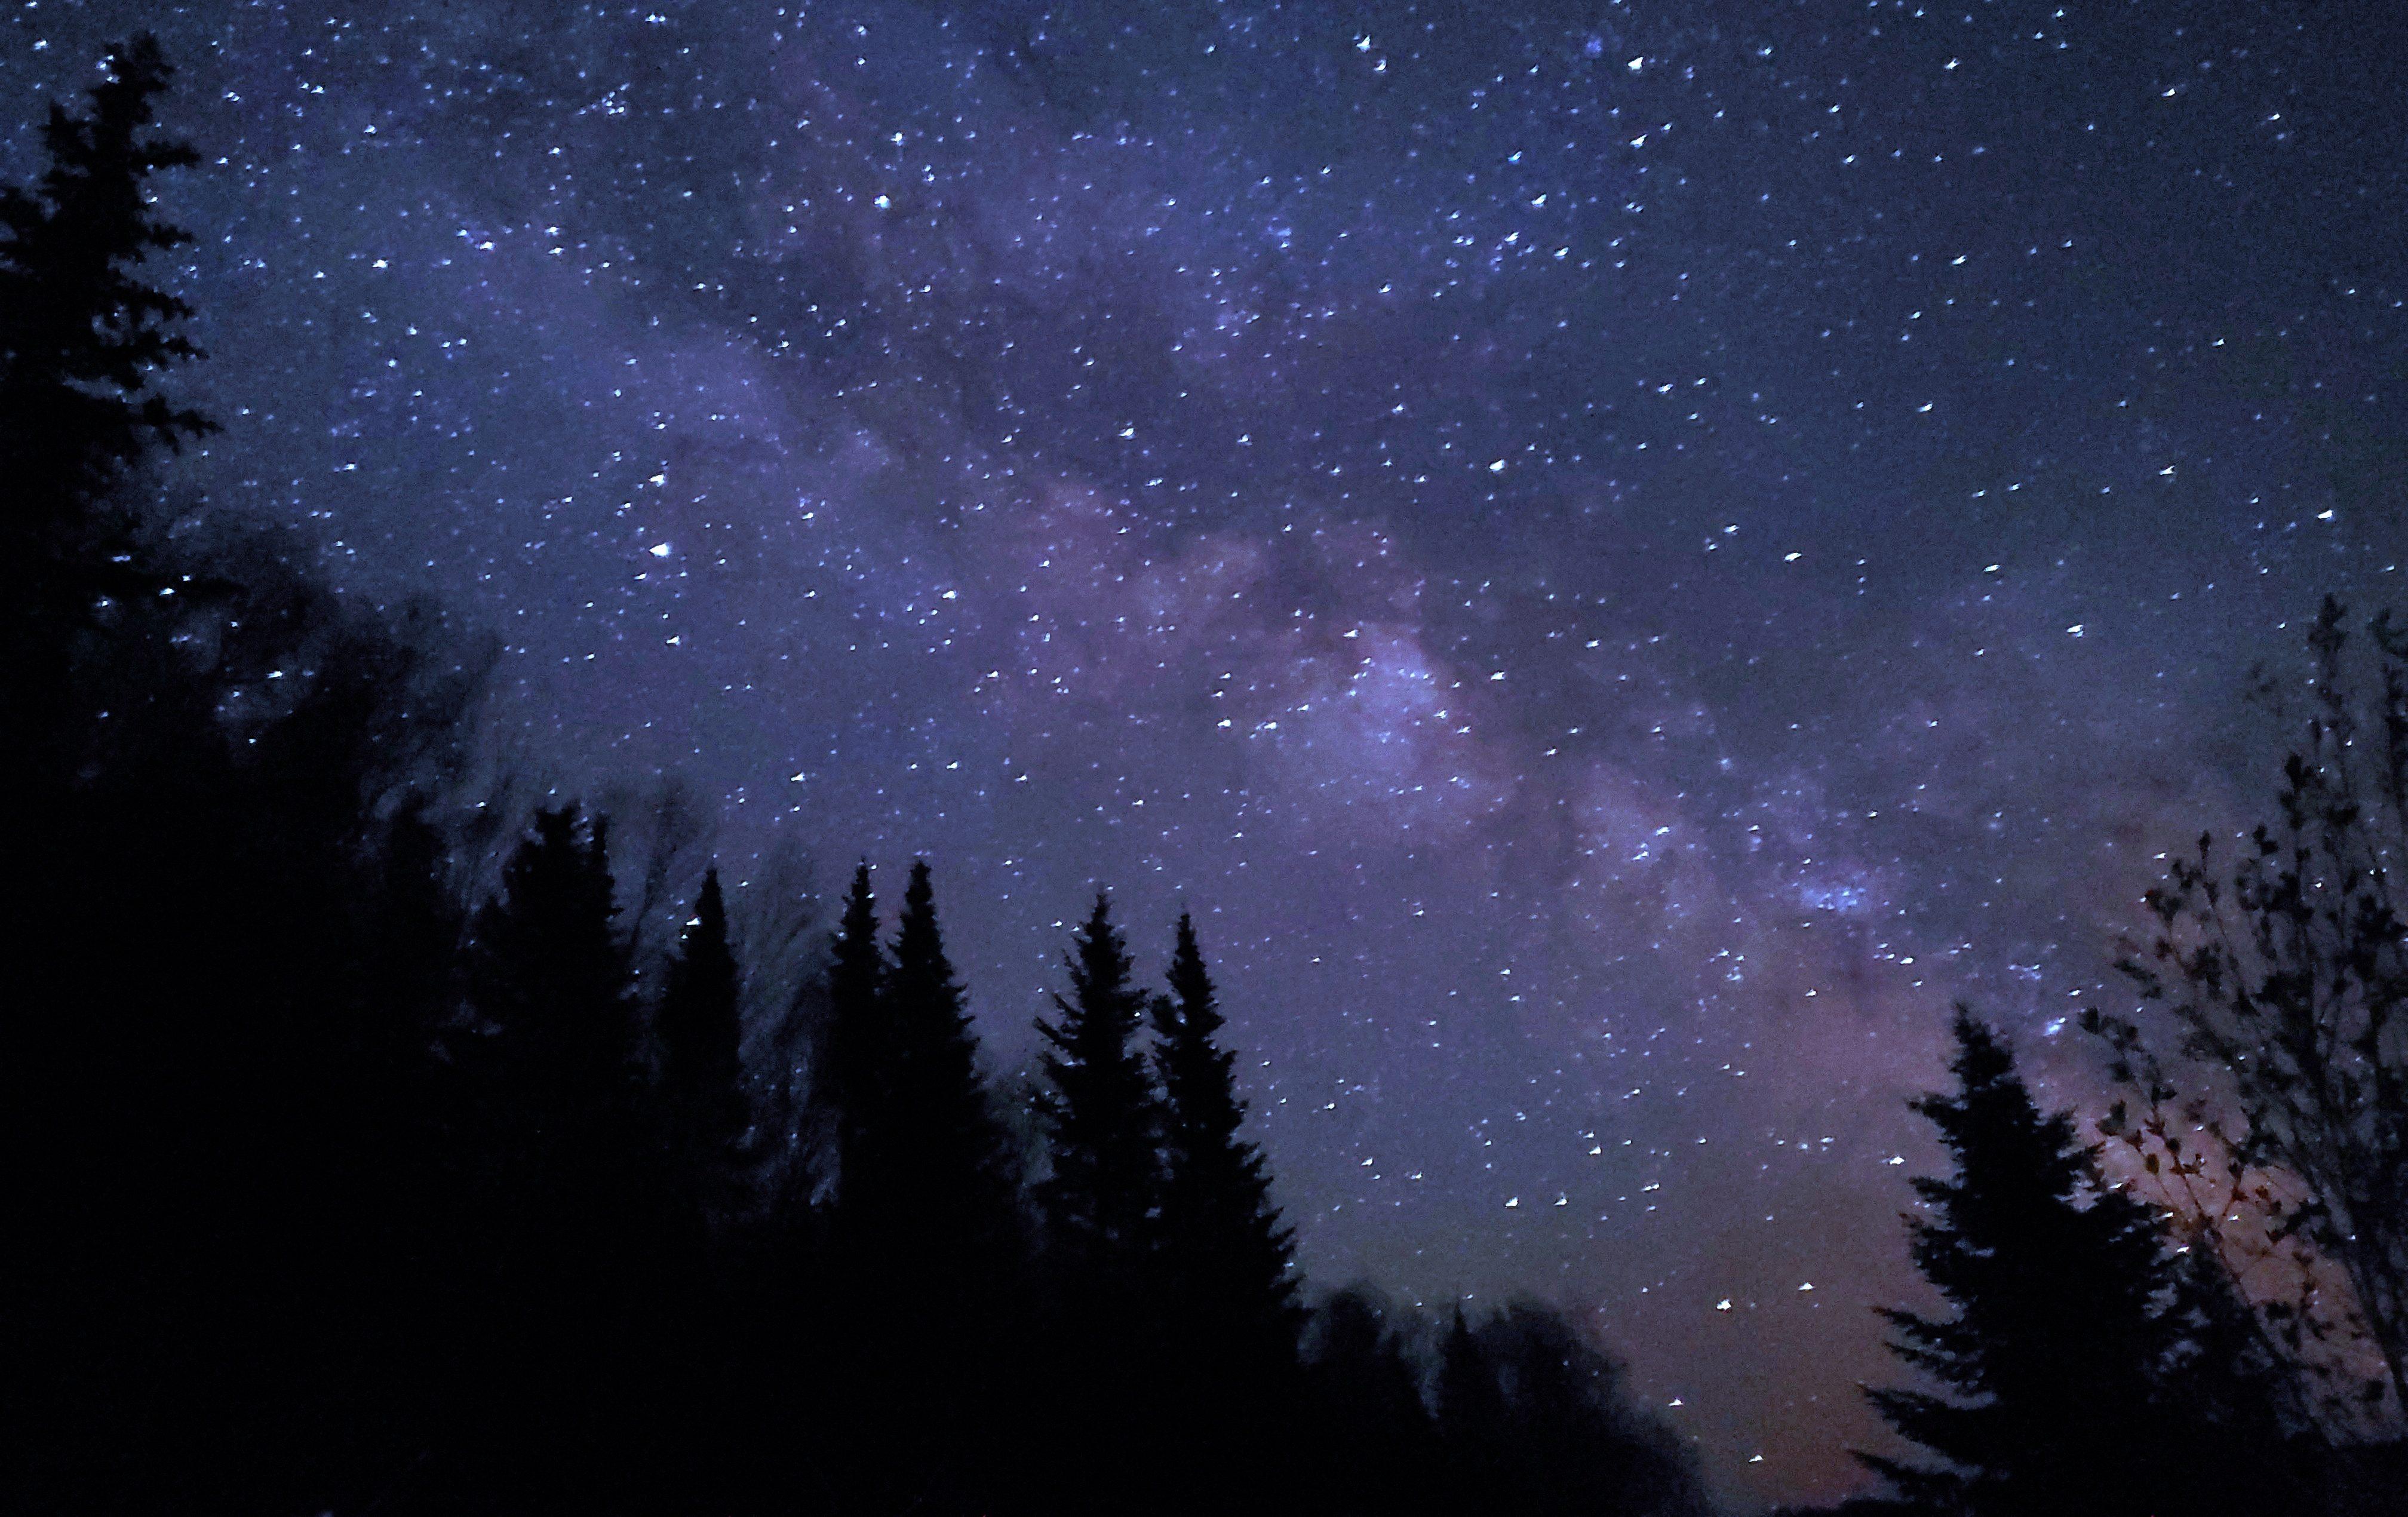 Milky Way Night Sky in Aroostook County